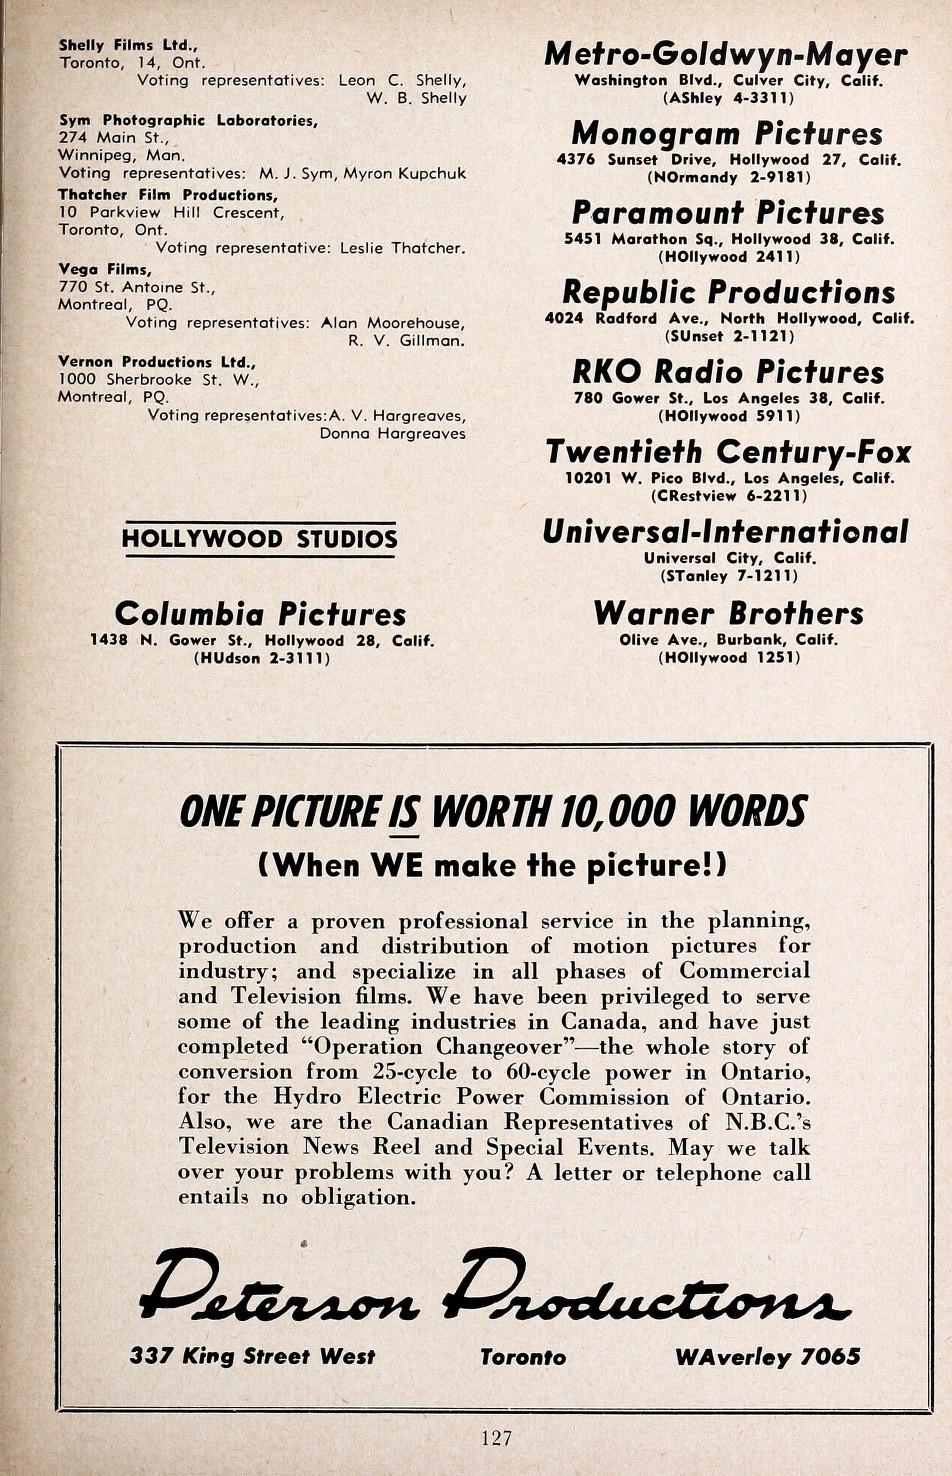 1951yearbookcana00film_jp2.zip&file=1951yearbookcana00film_jp2%2f1951yearbookcana00film_0129